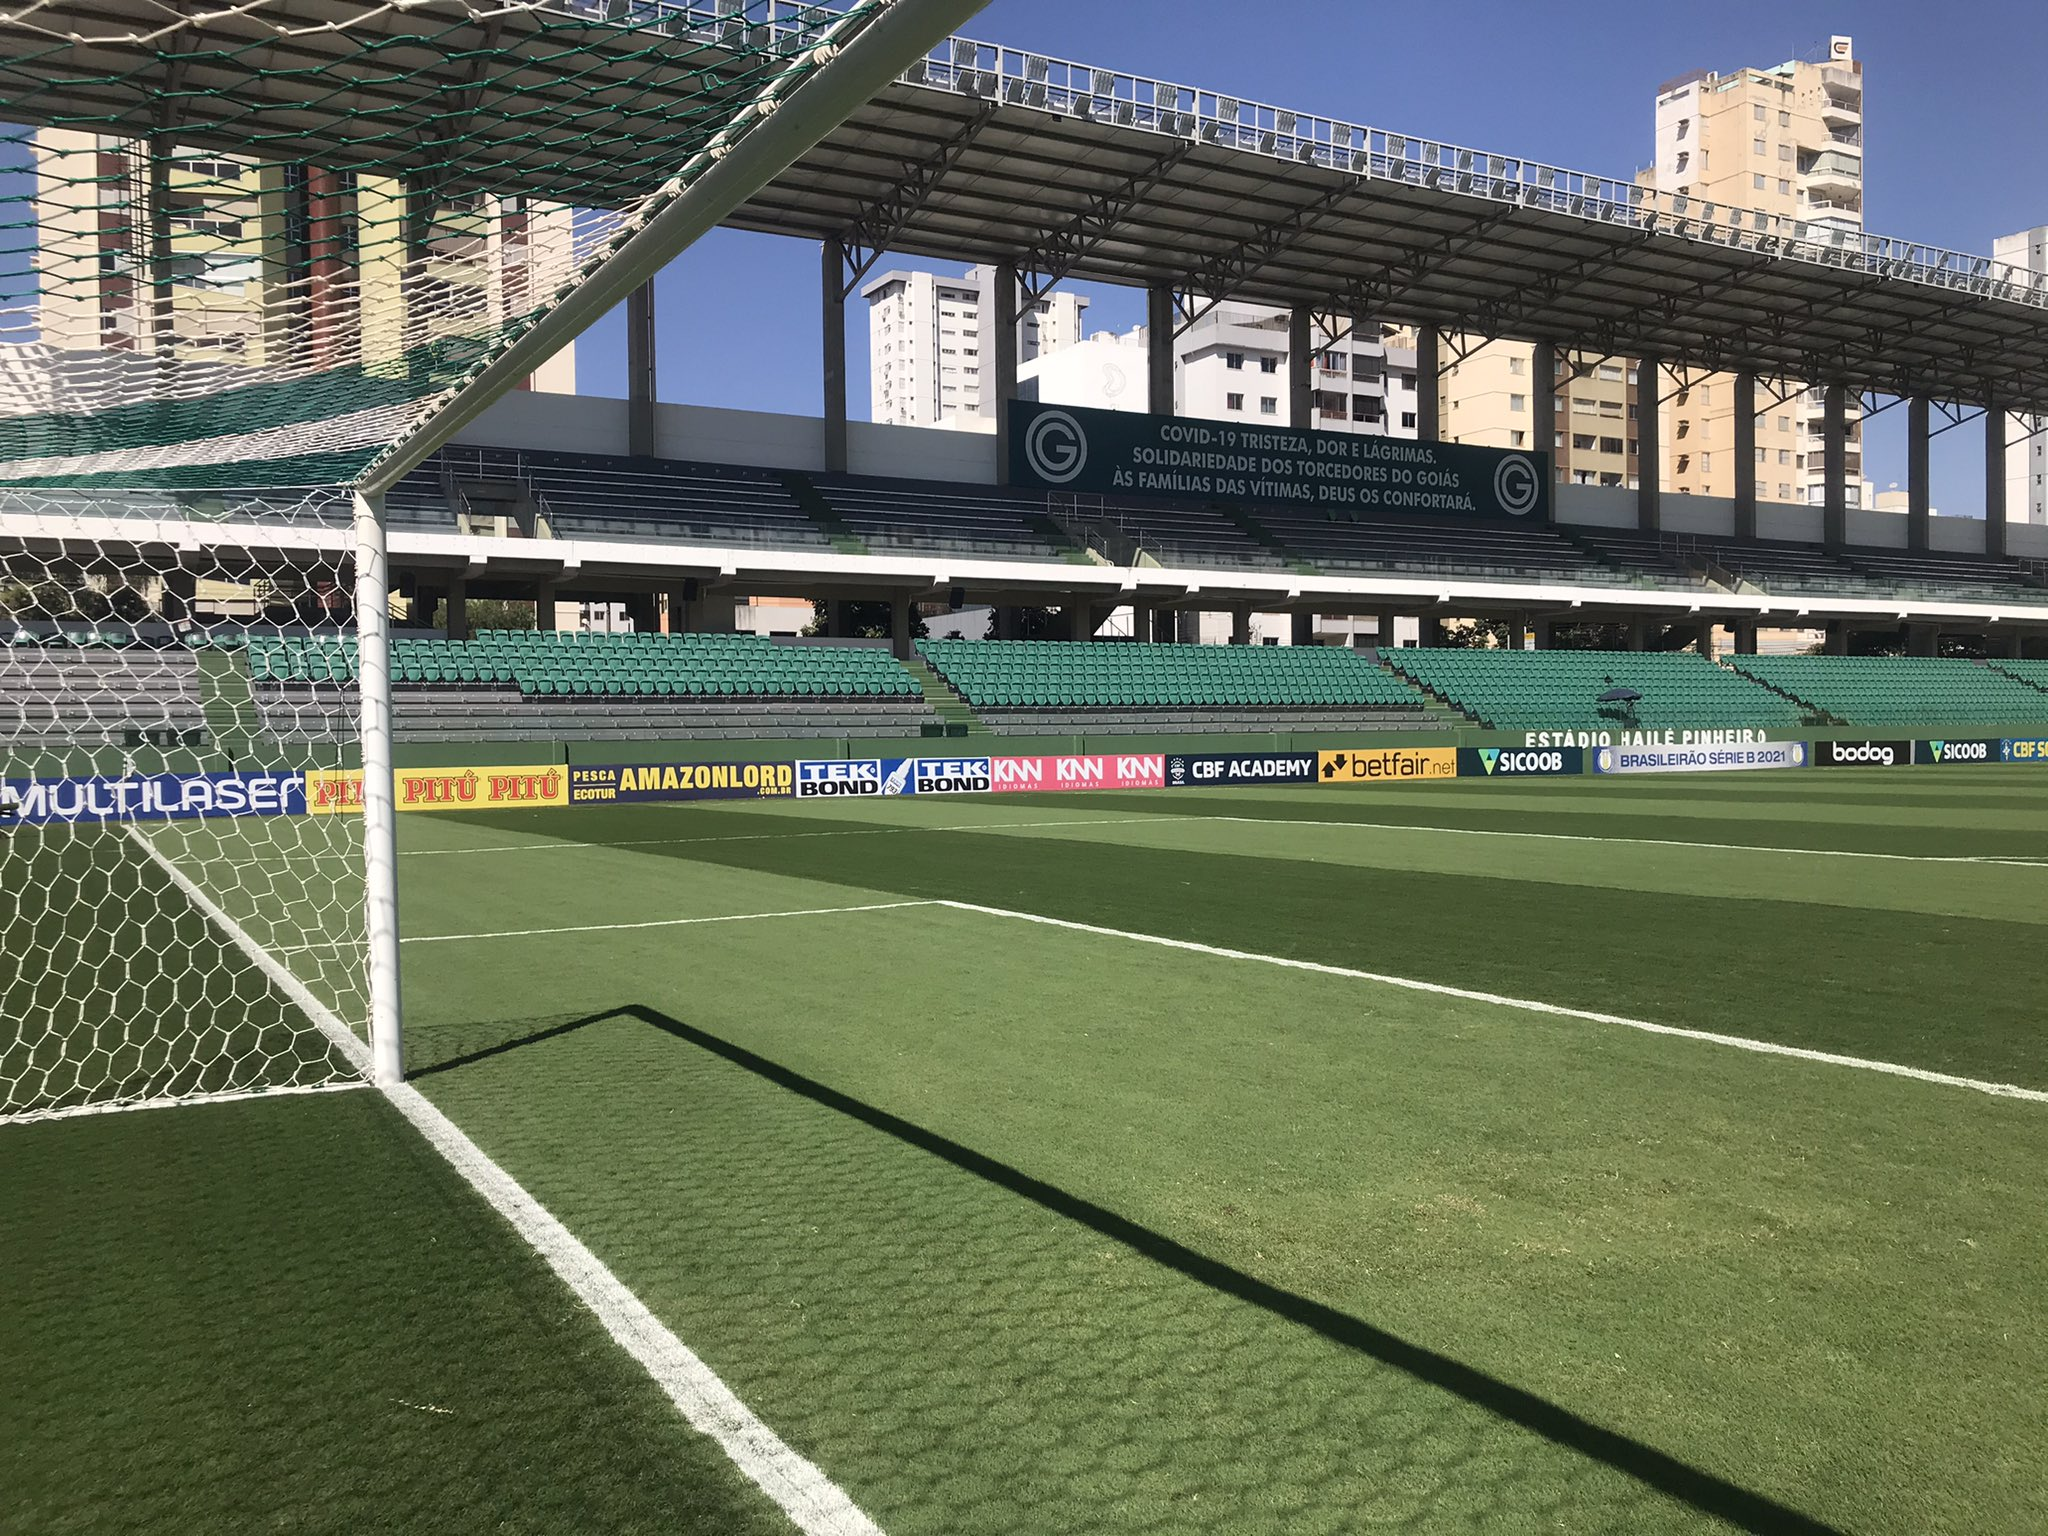 Com objetivos distintos, Goiás e Vila Nova se enfrentam na noite desta sexta-feira (24), às 19h, no Estádio Hailé Pinheiro (Serrinha)